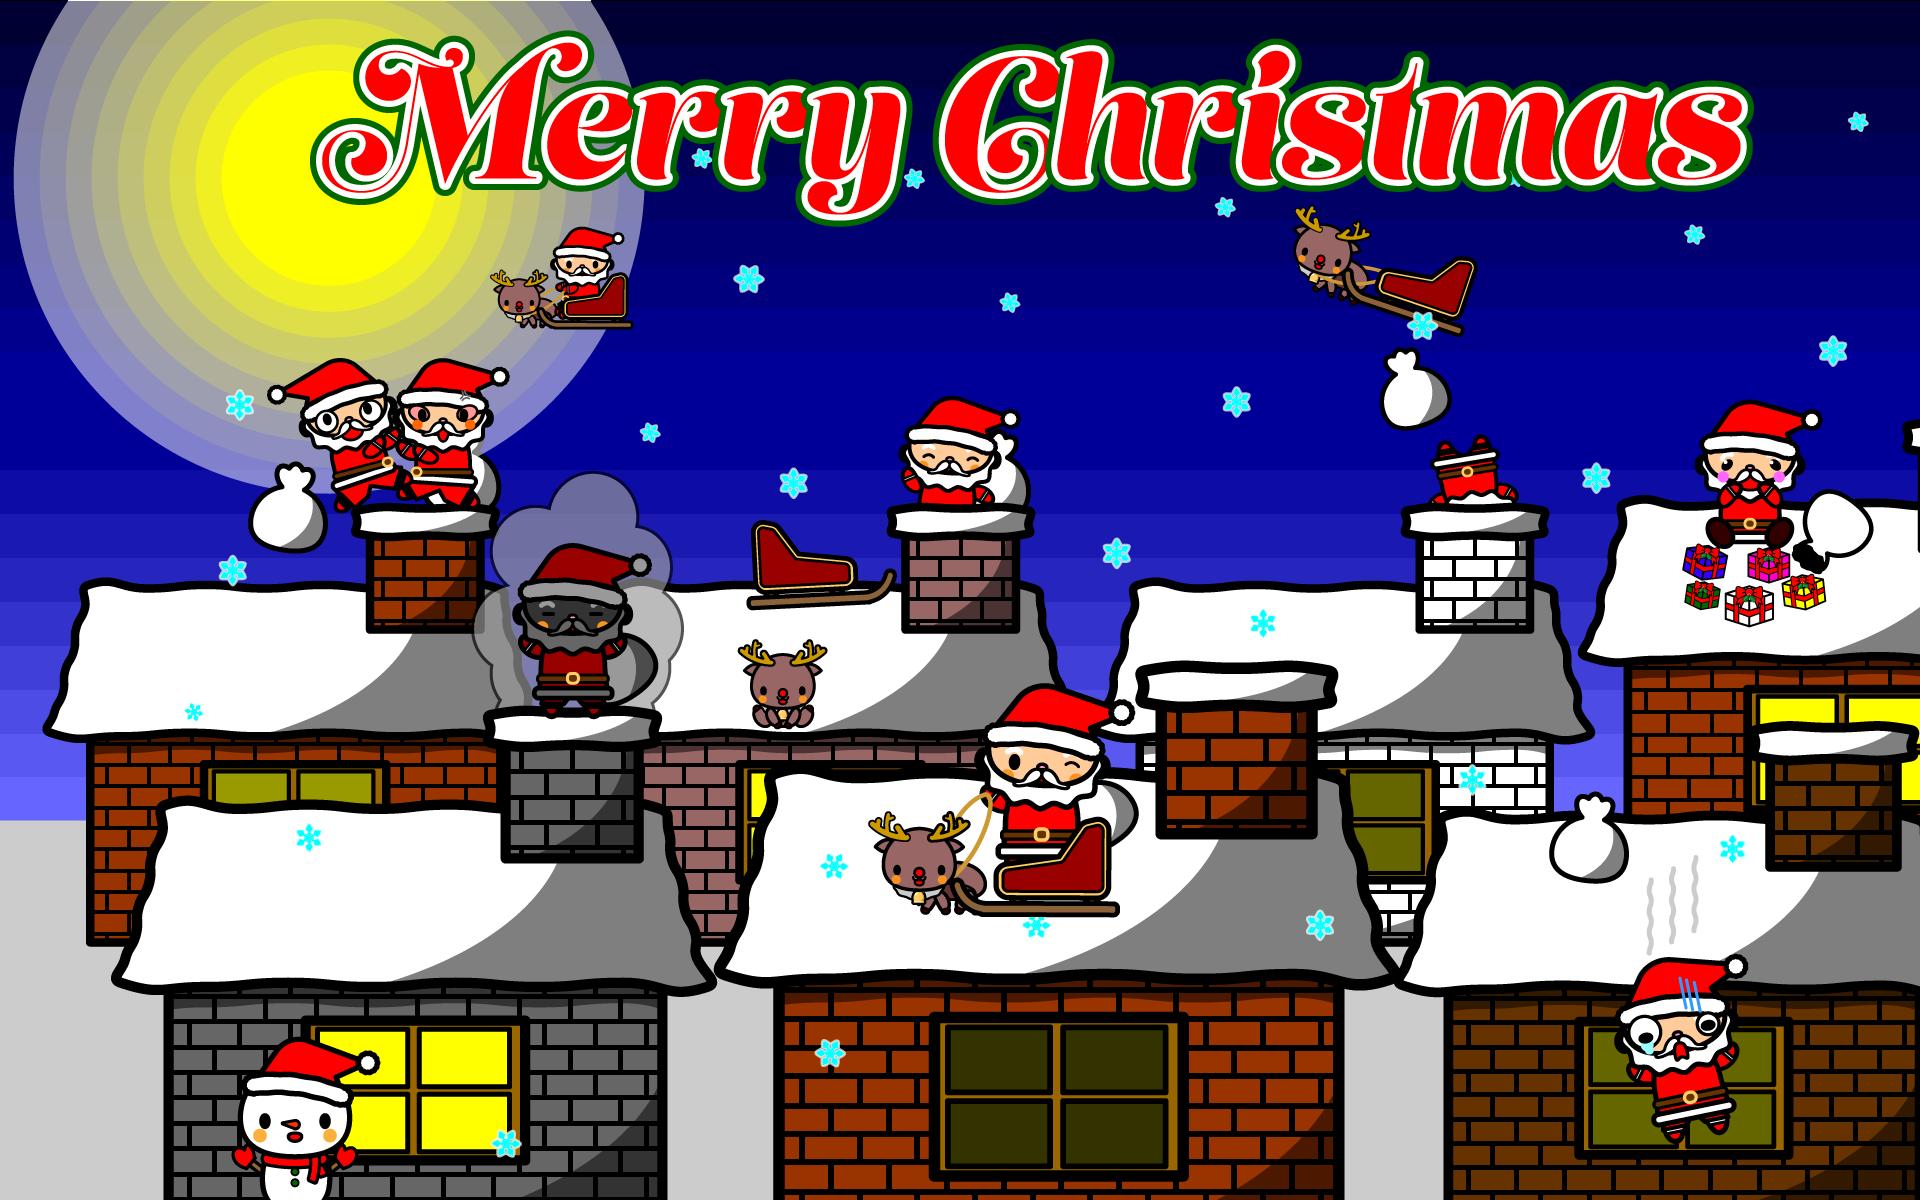 かわいいメリークリスマス壁紙(PC)の無料イラスト・商用フリー